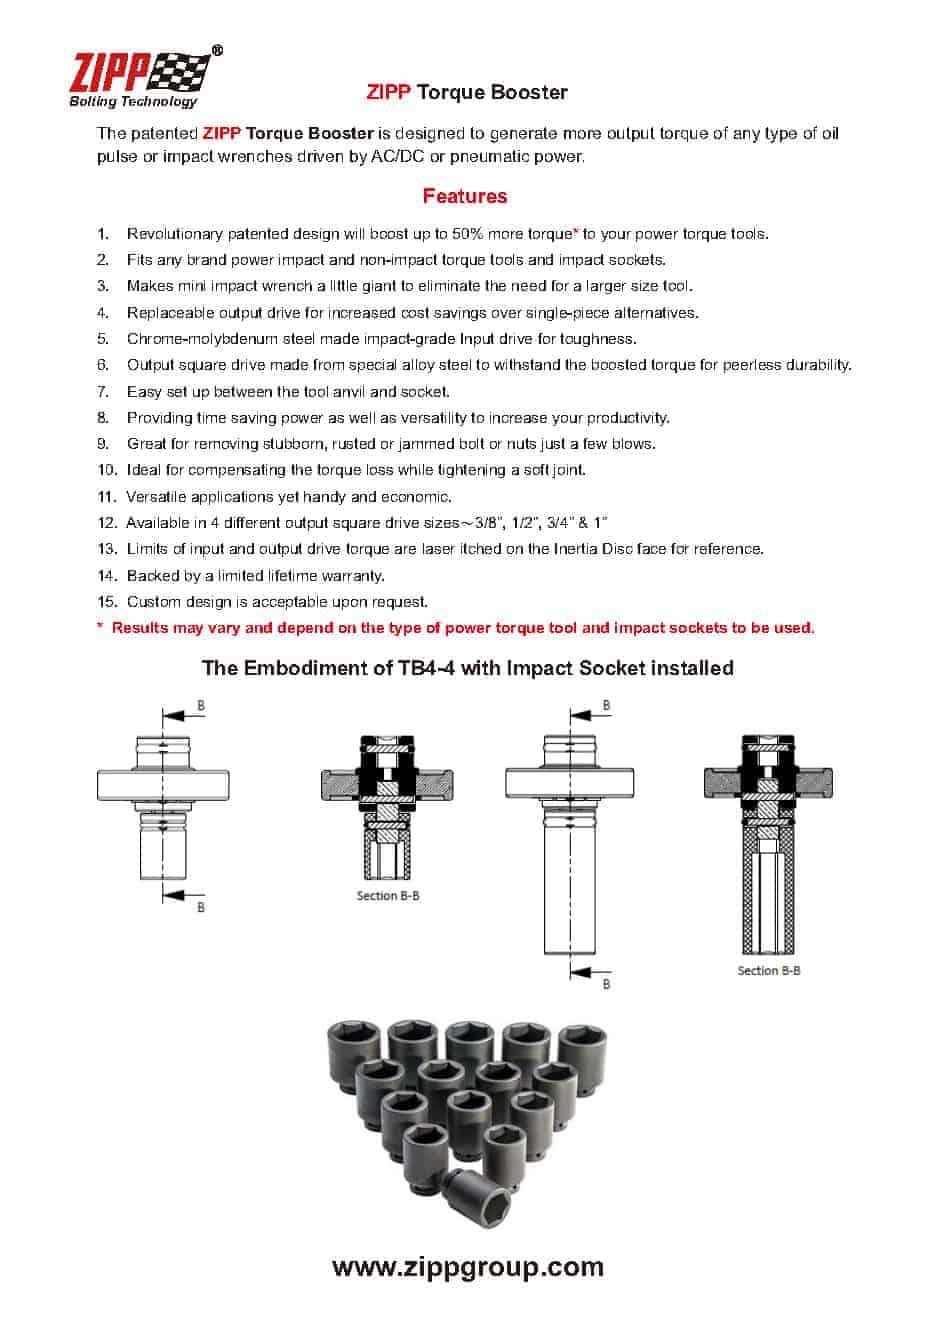 Booster de torque inovador para quaisquer ferramentas elétricas 2